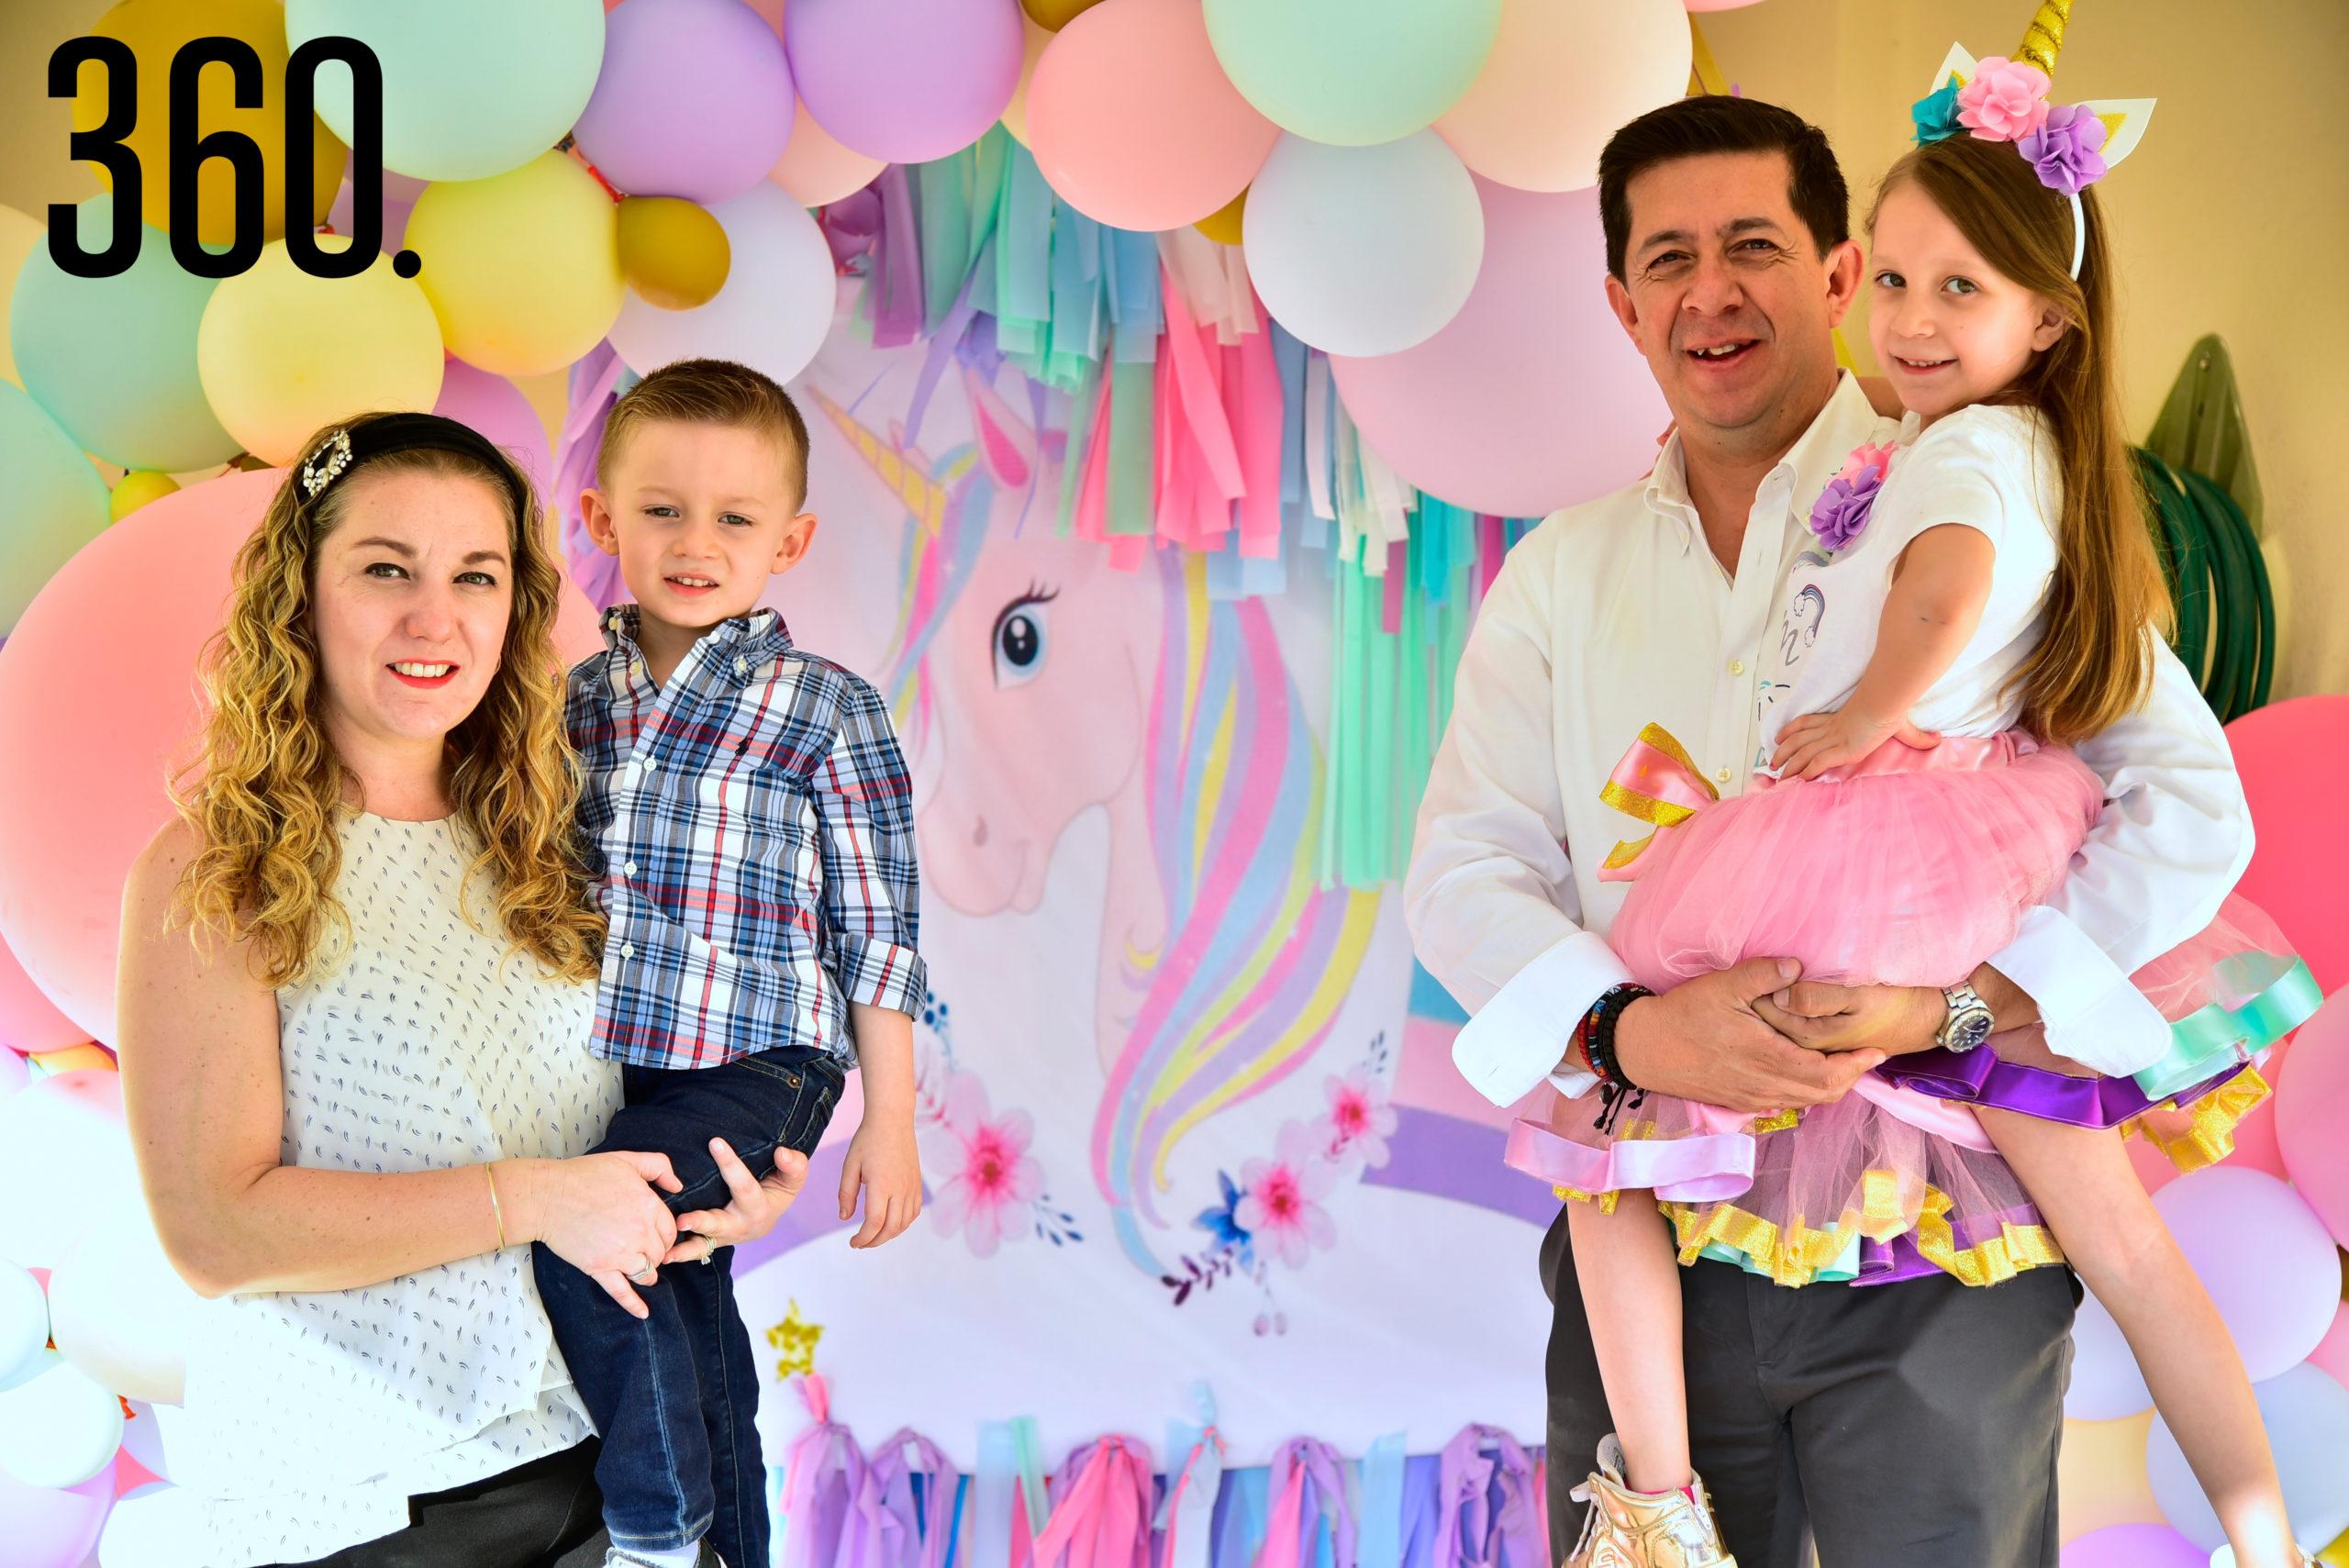 Isabella Reyes con sus papás, Alejandra Reyes y Héctor Reyes, además de su hermanito, Héctor Reyes.